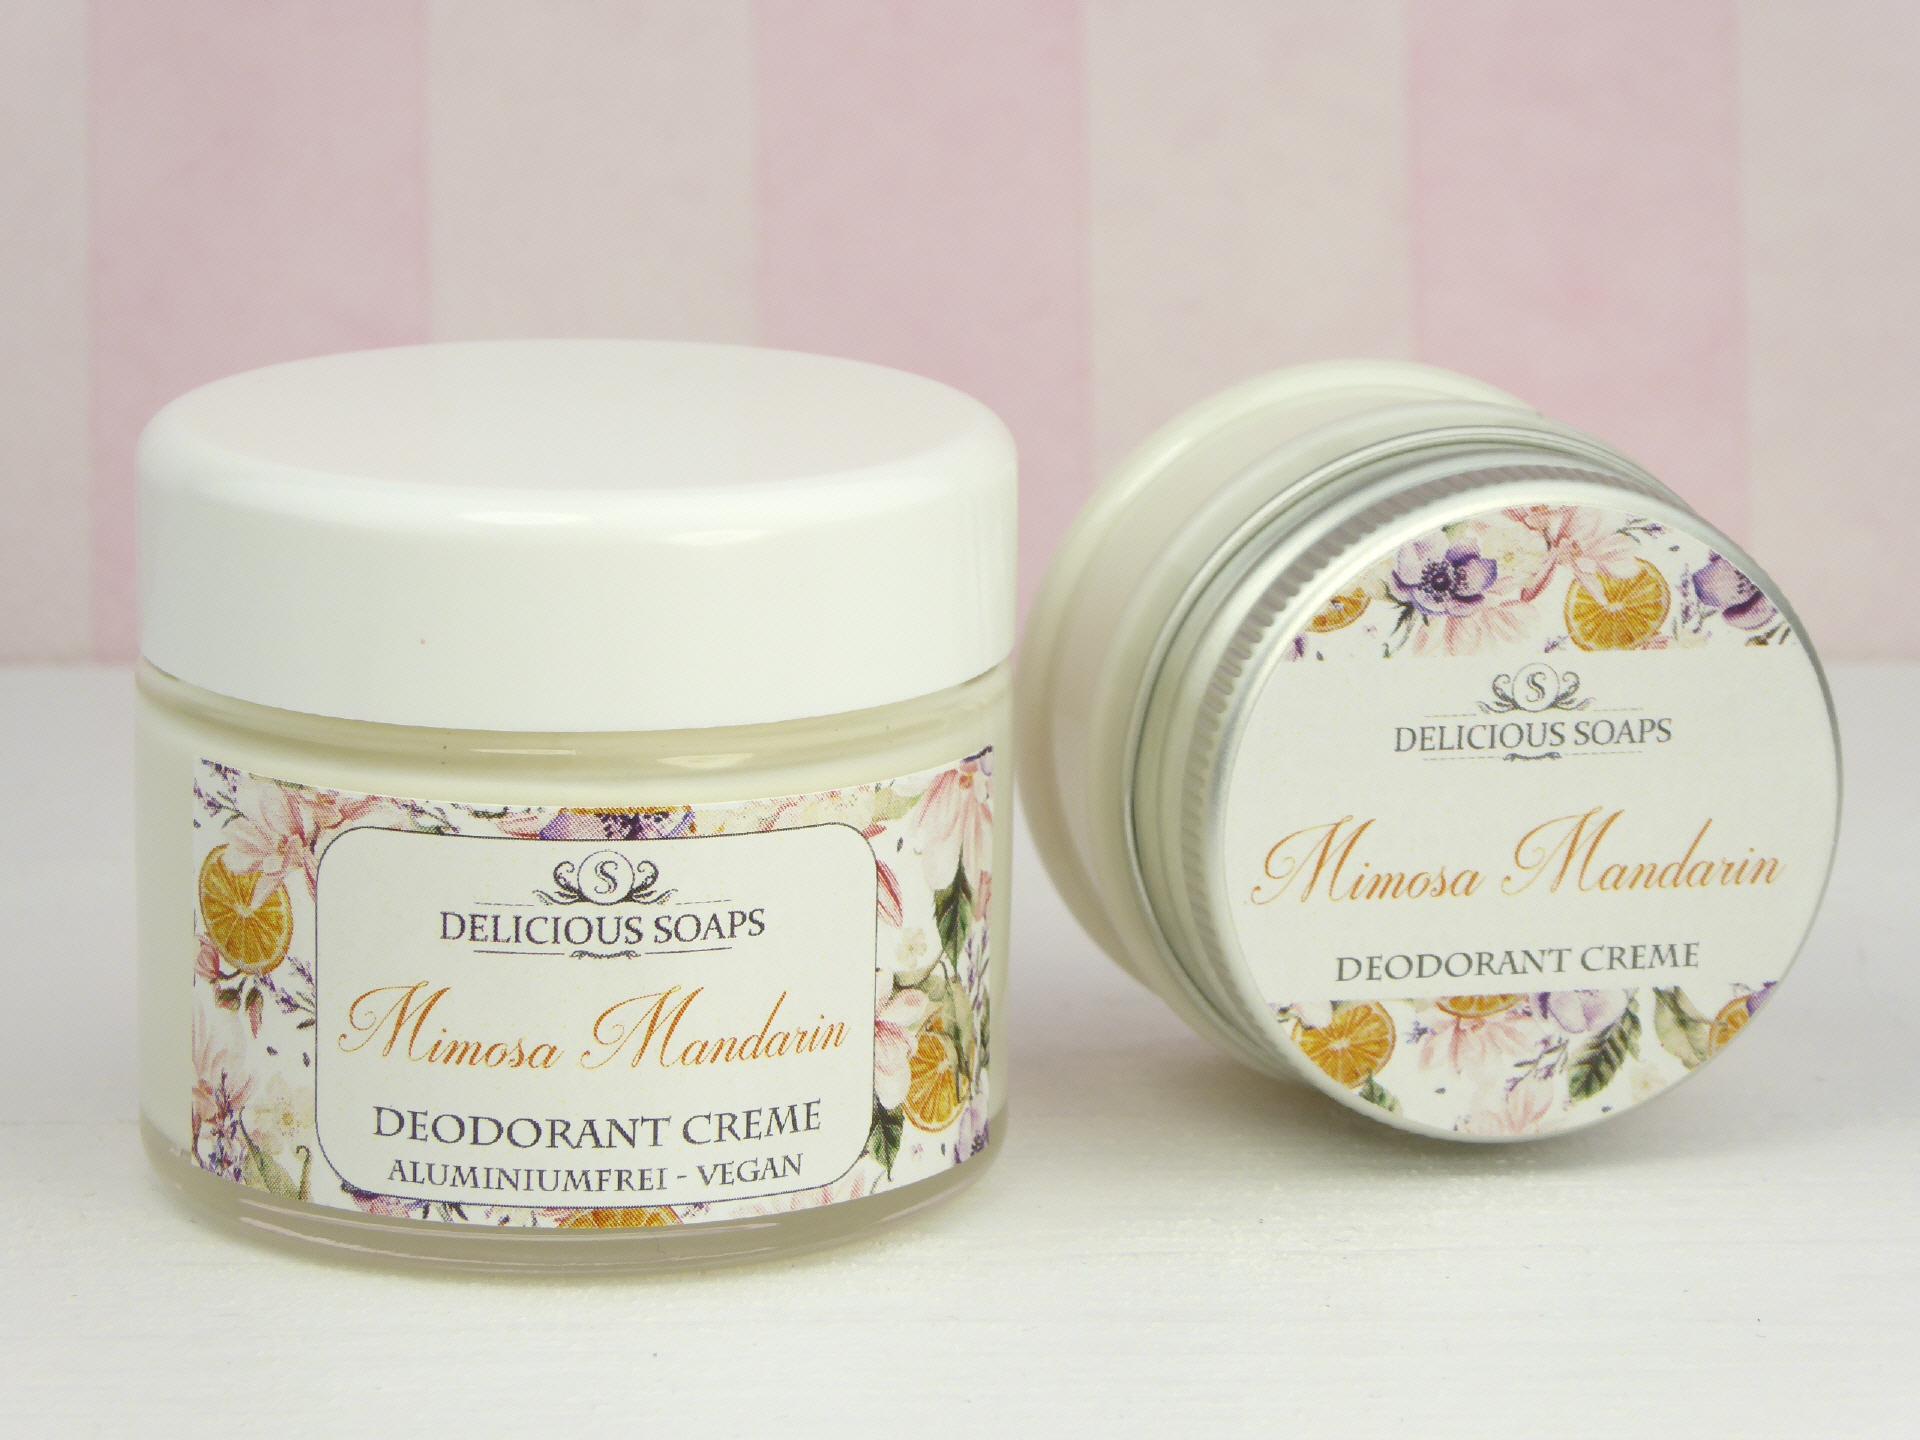 Deo Creme Mimosa Mandarin - ohne Aluminium / Delicious Soaps ...